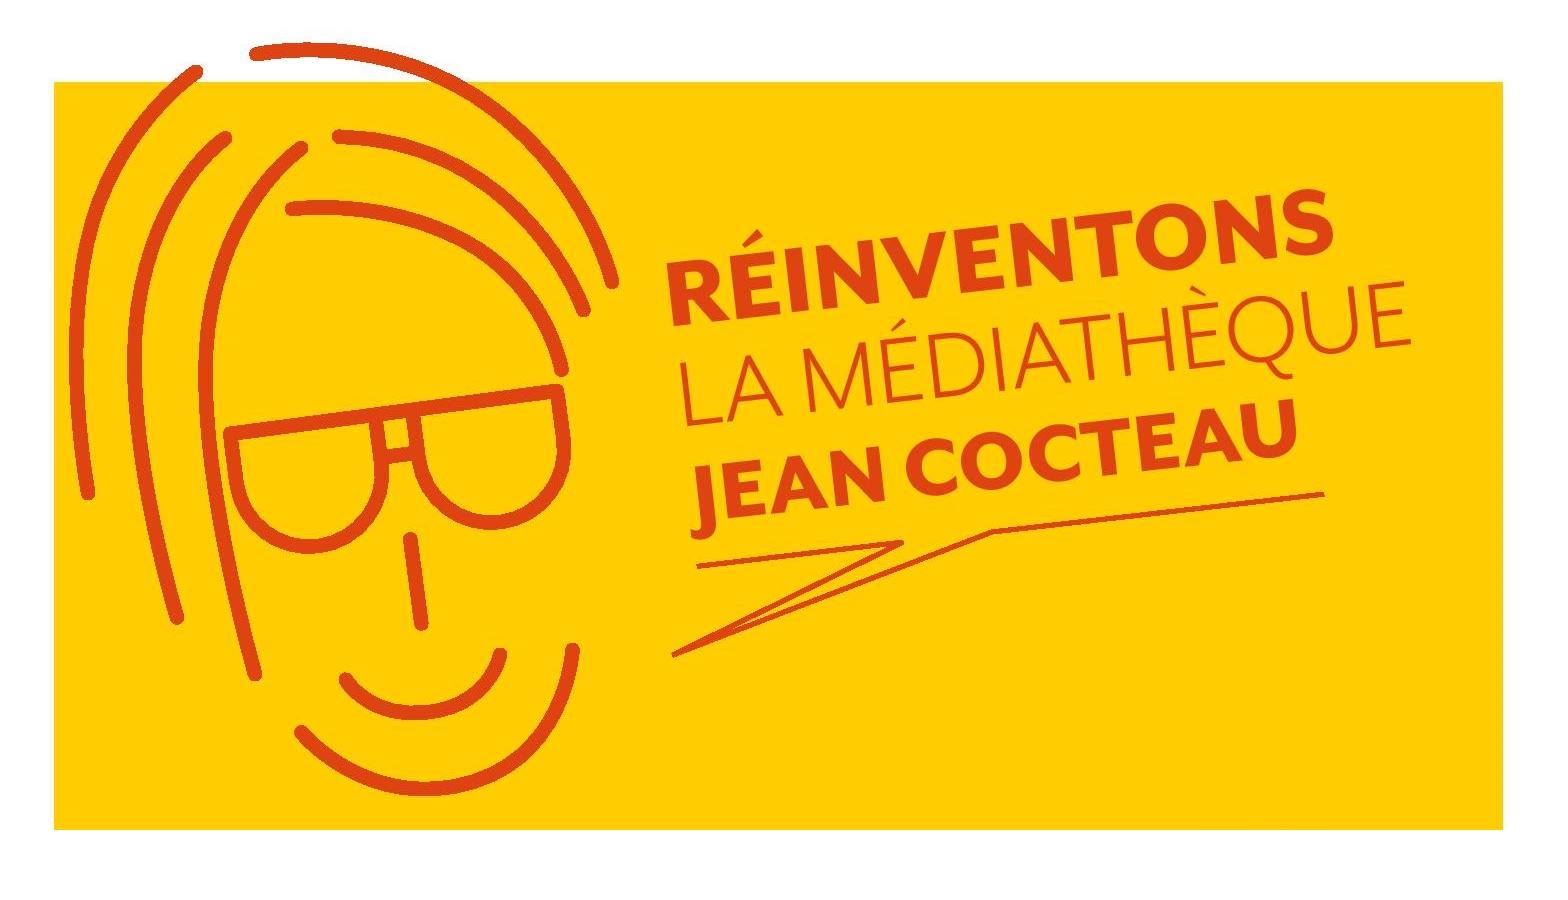 Réinventons la médiathèque Jean Cocteau ! |